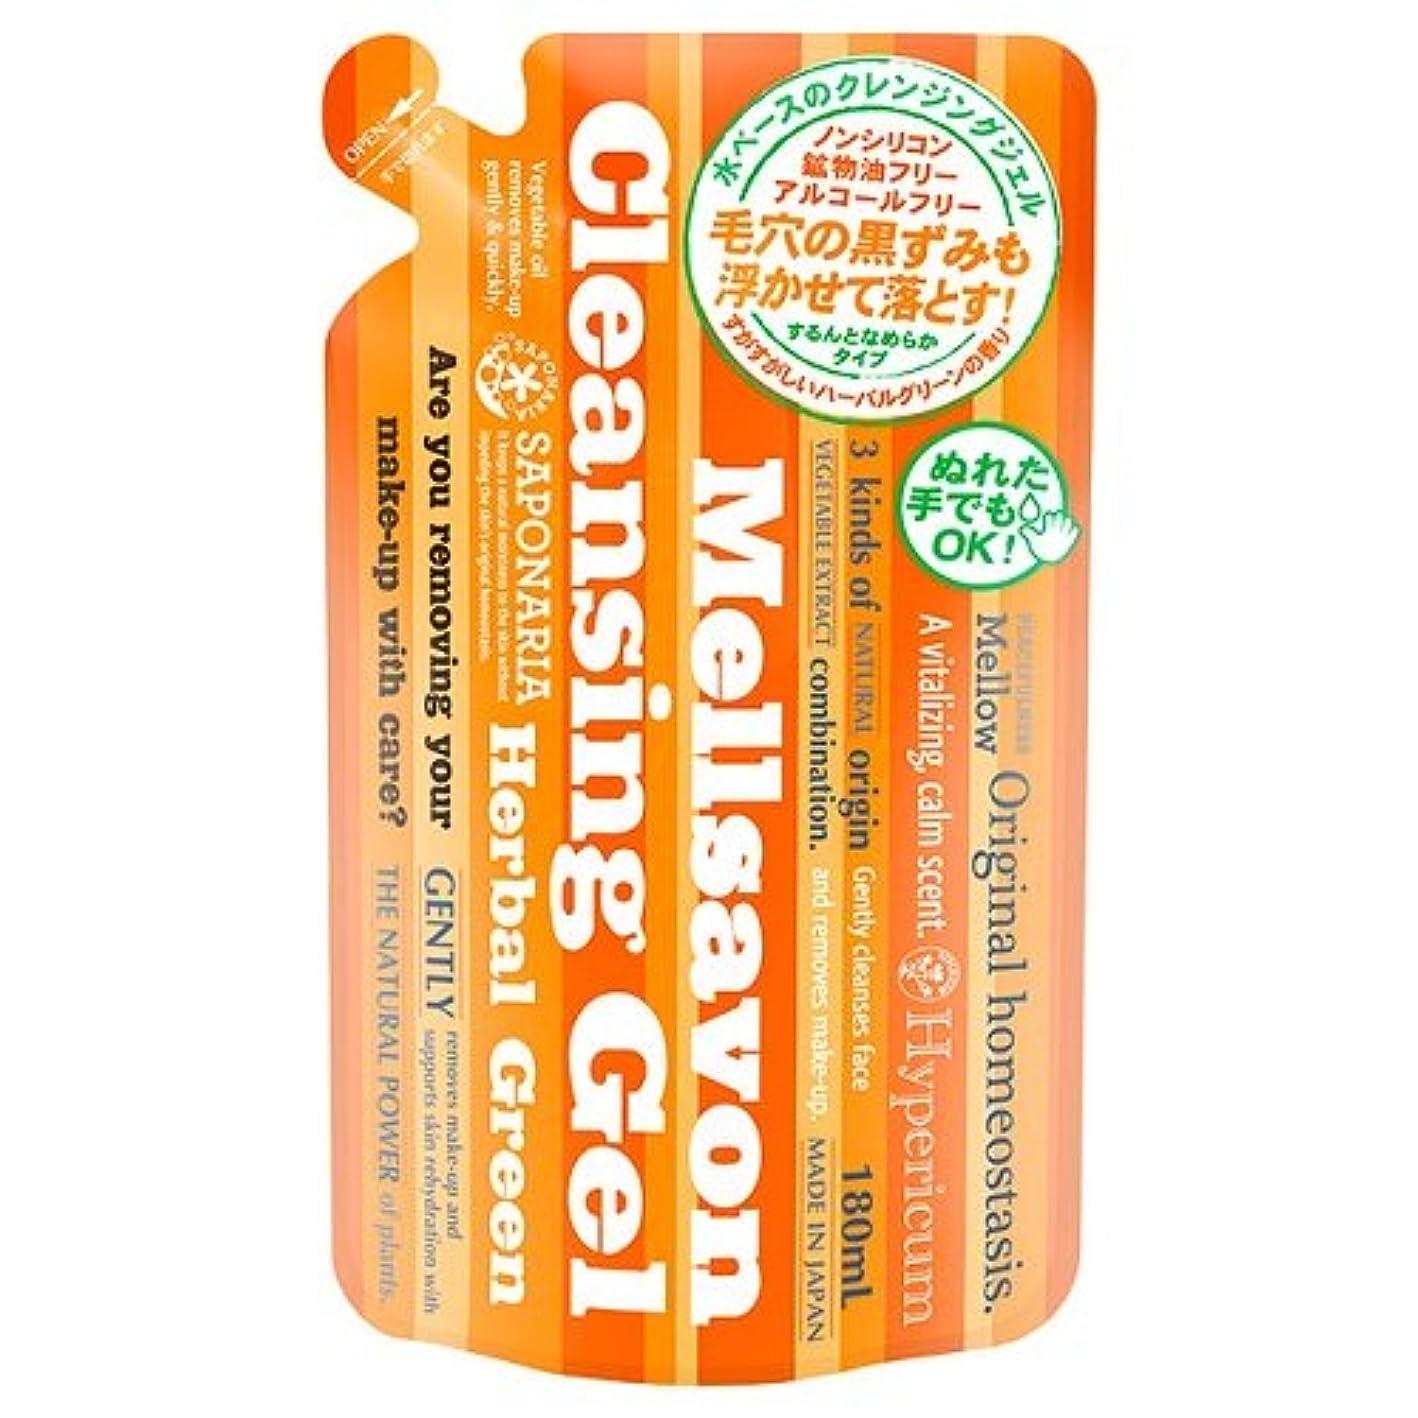 幸福隣接する減らすメルサボン クレンジングジェル ハーバルグリーン 詰替え用 (180mL)